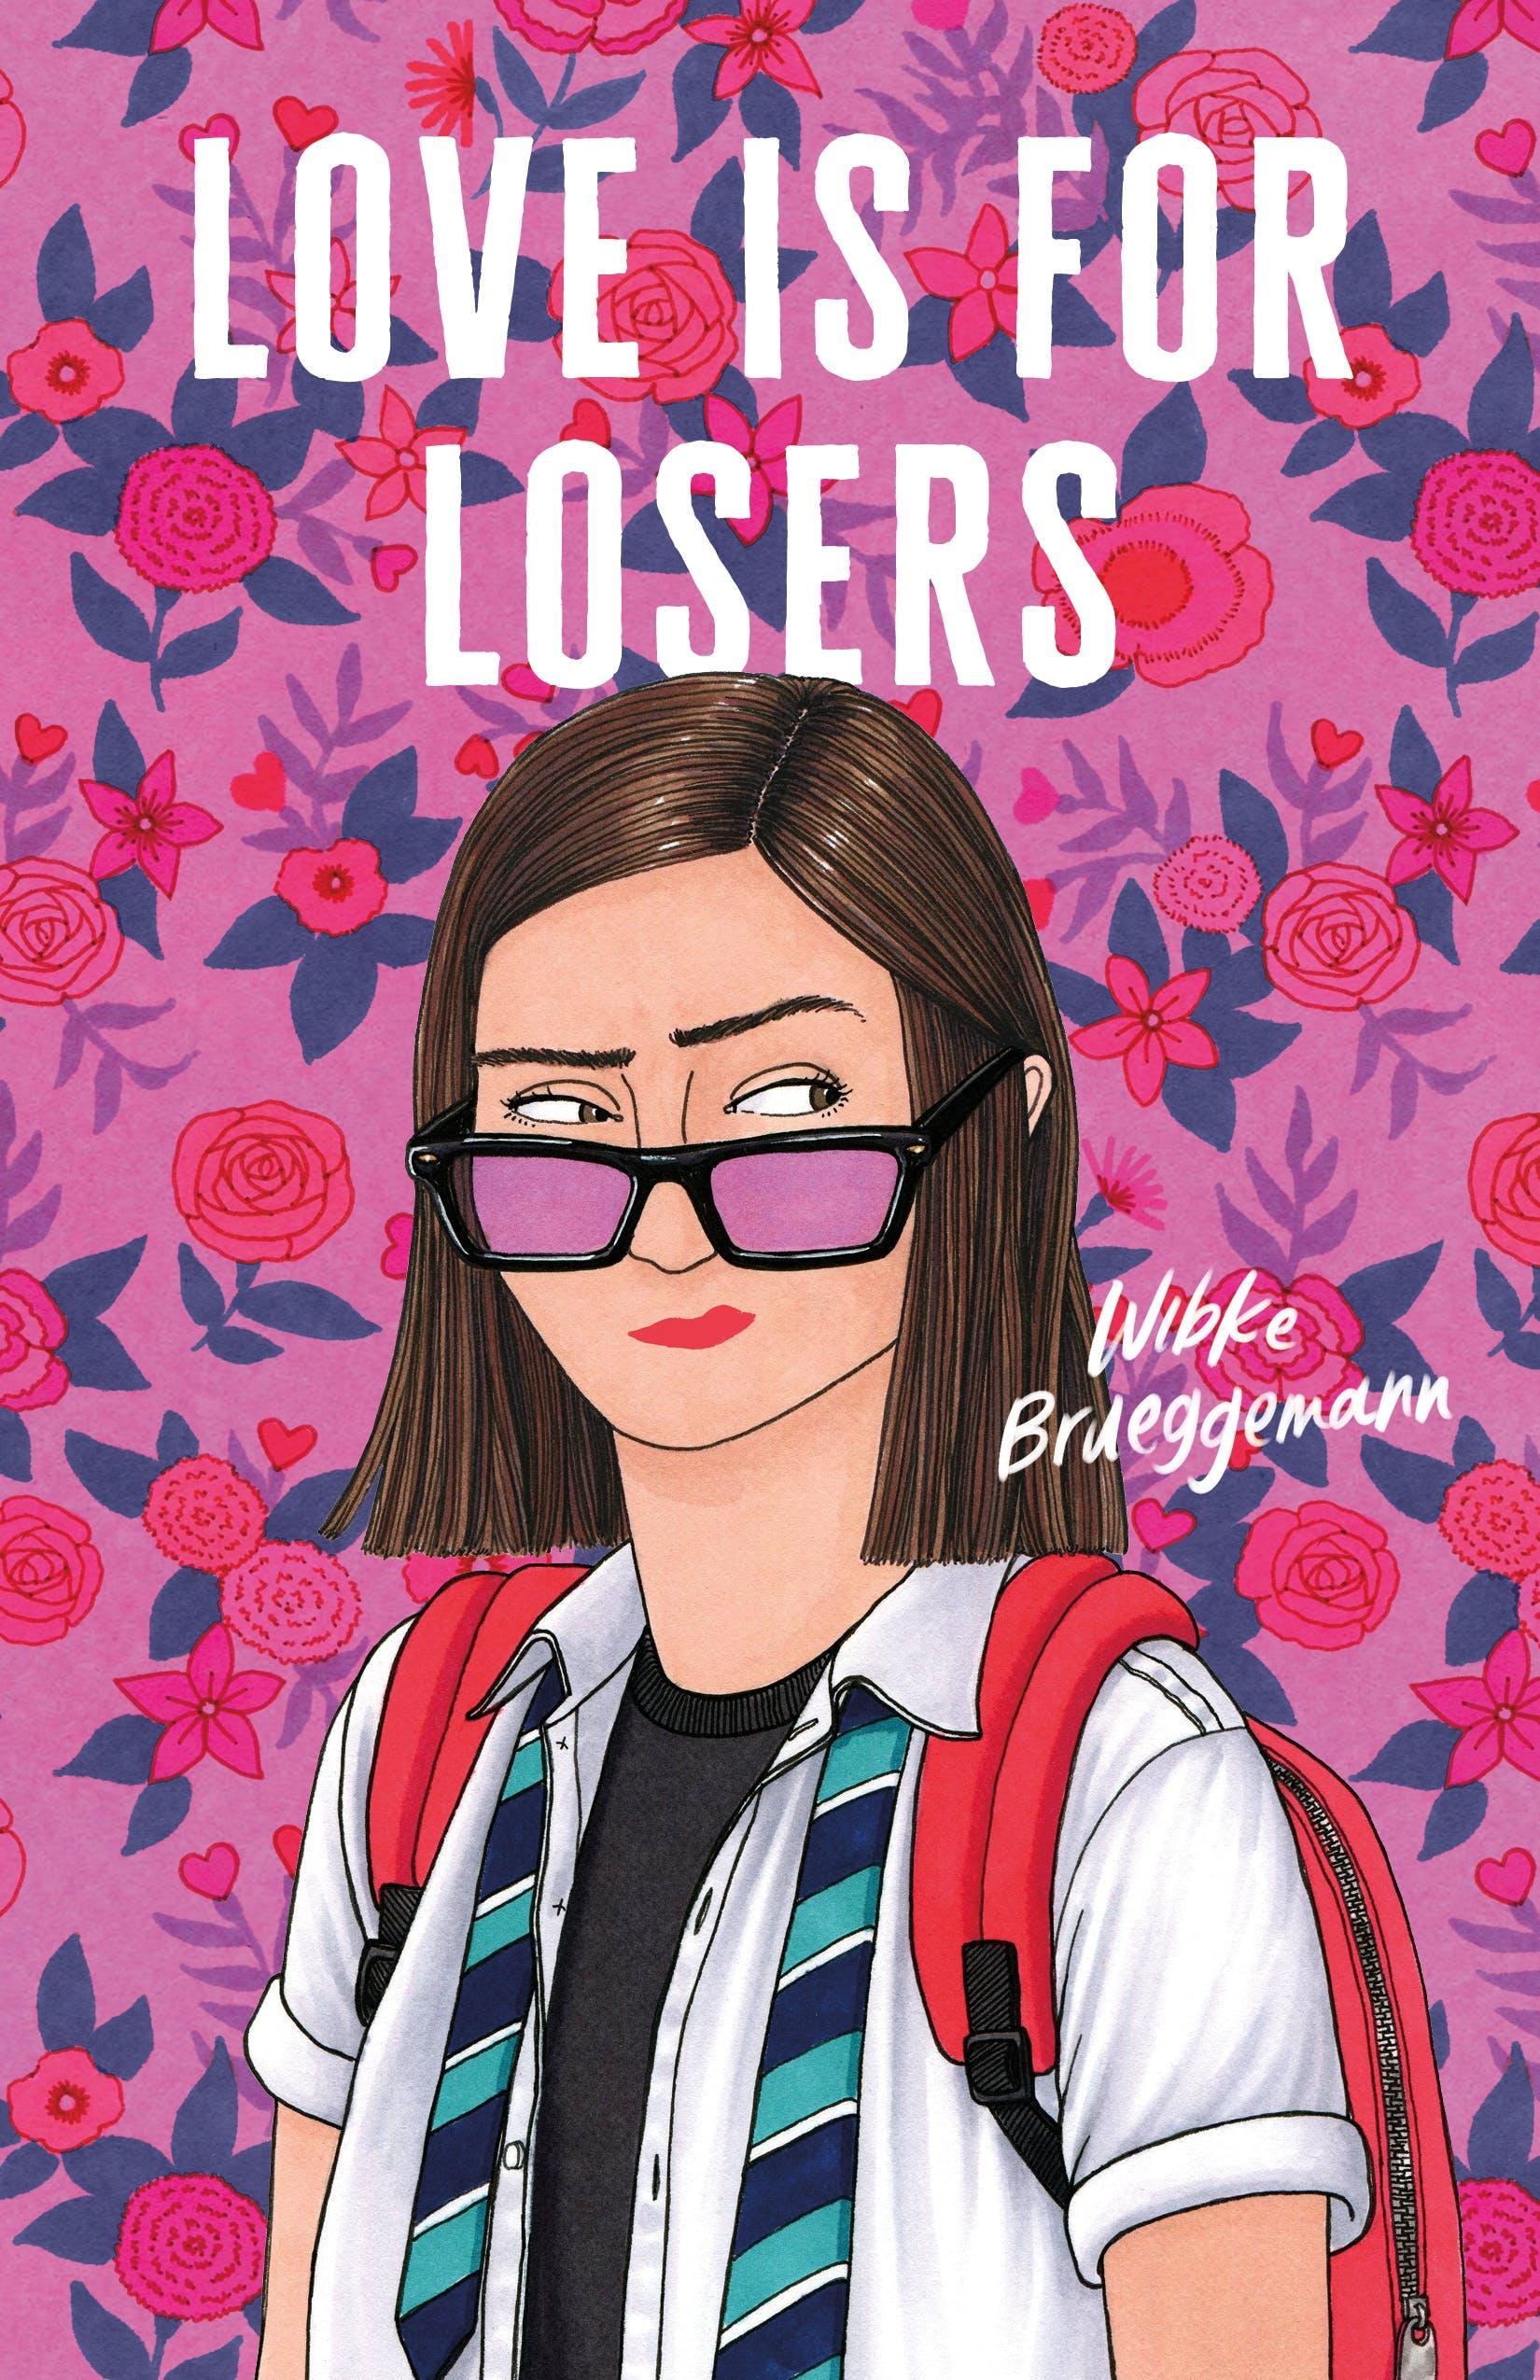 Love Is for Losers by Wibke Brueggemann